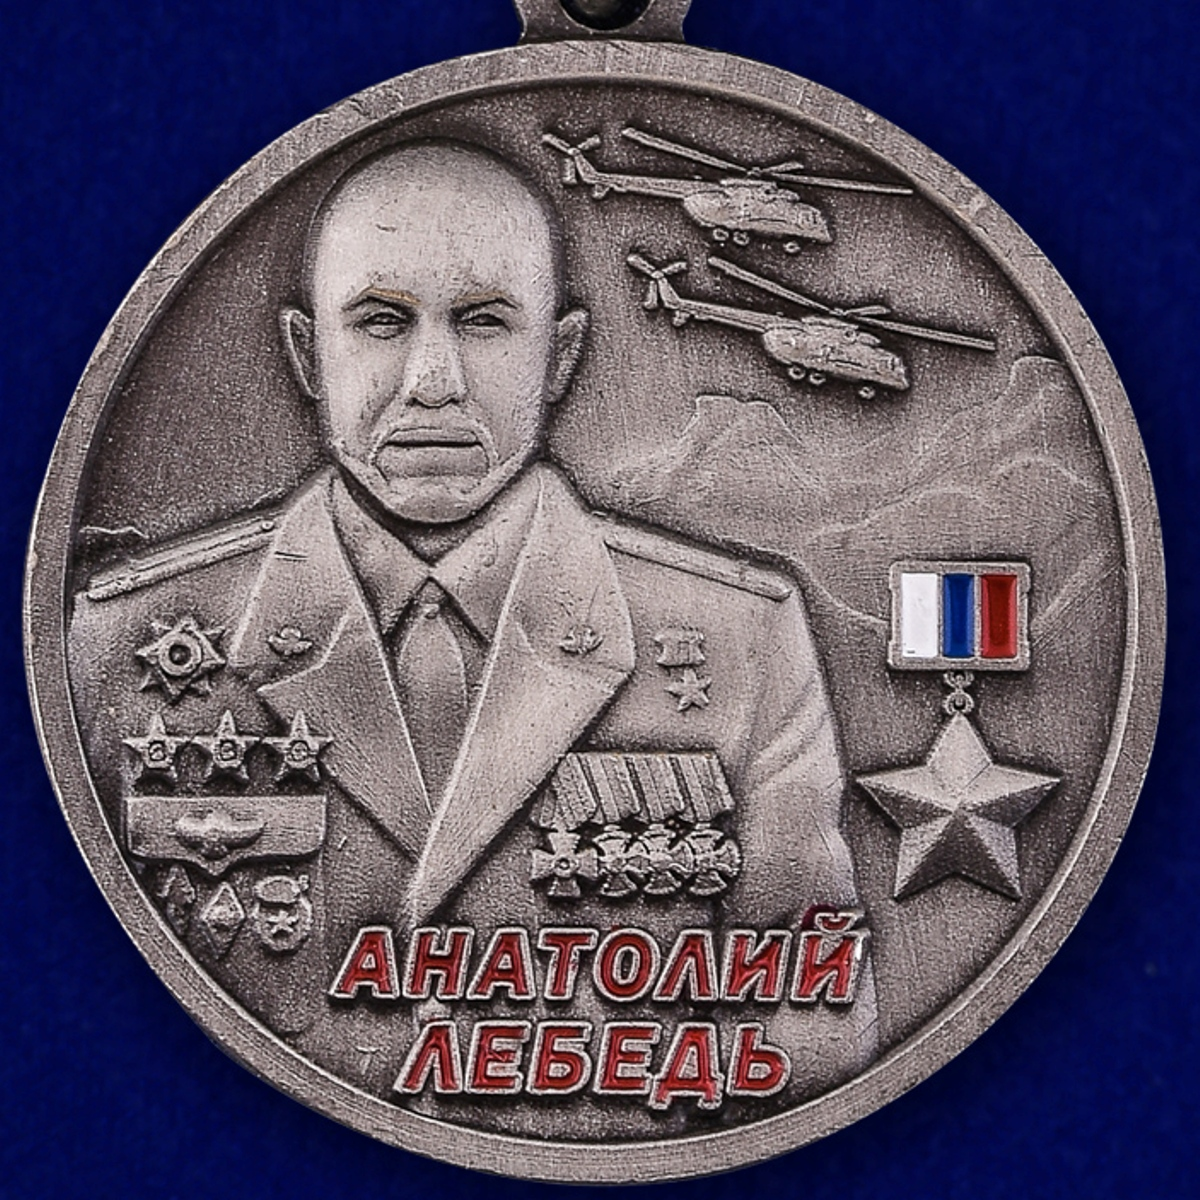 Купить медаль Анатолий Лебедь в нарядном футляре из бархатистого флока